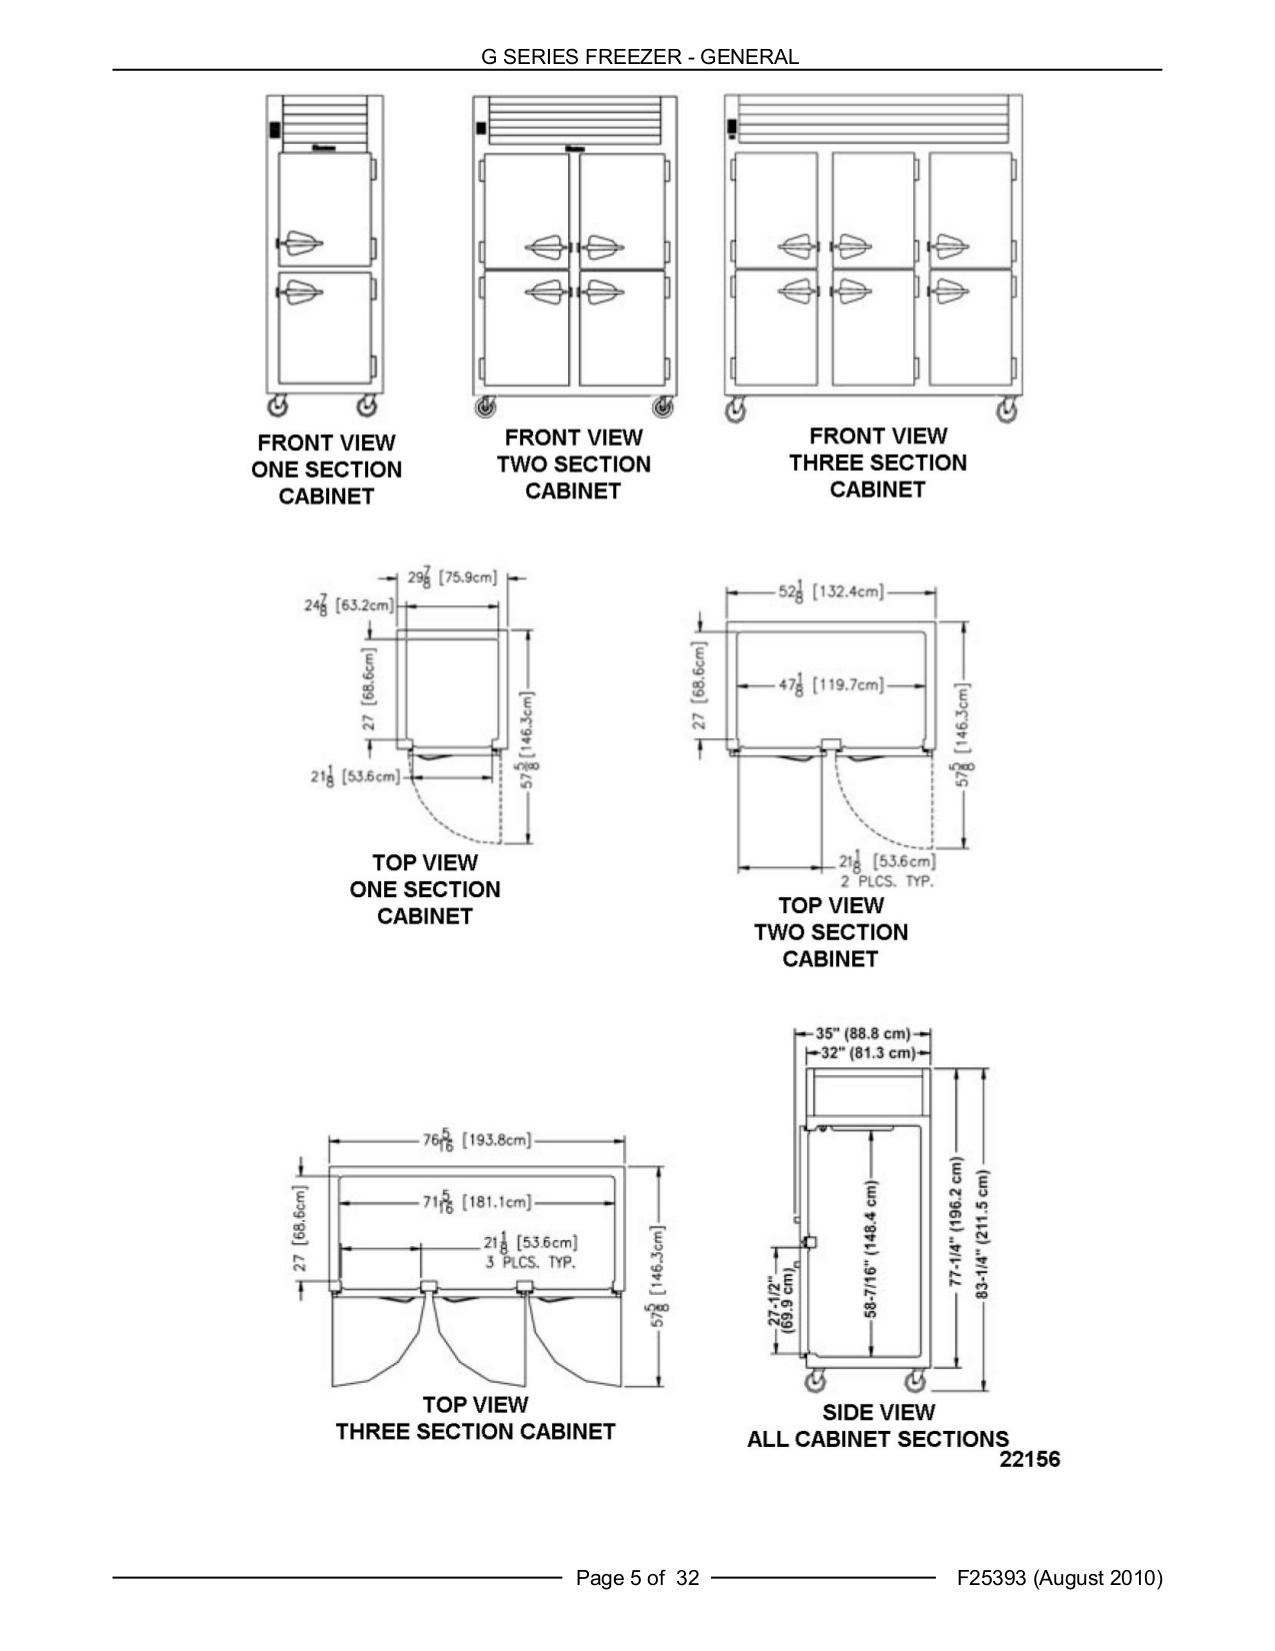 Traulsen Freezer G12010 Wiring Diagram. Traulsen Model G22010 Parts on